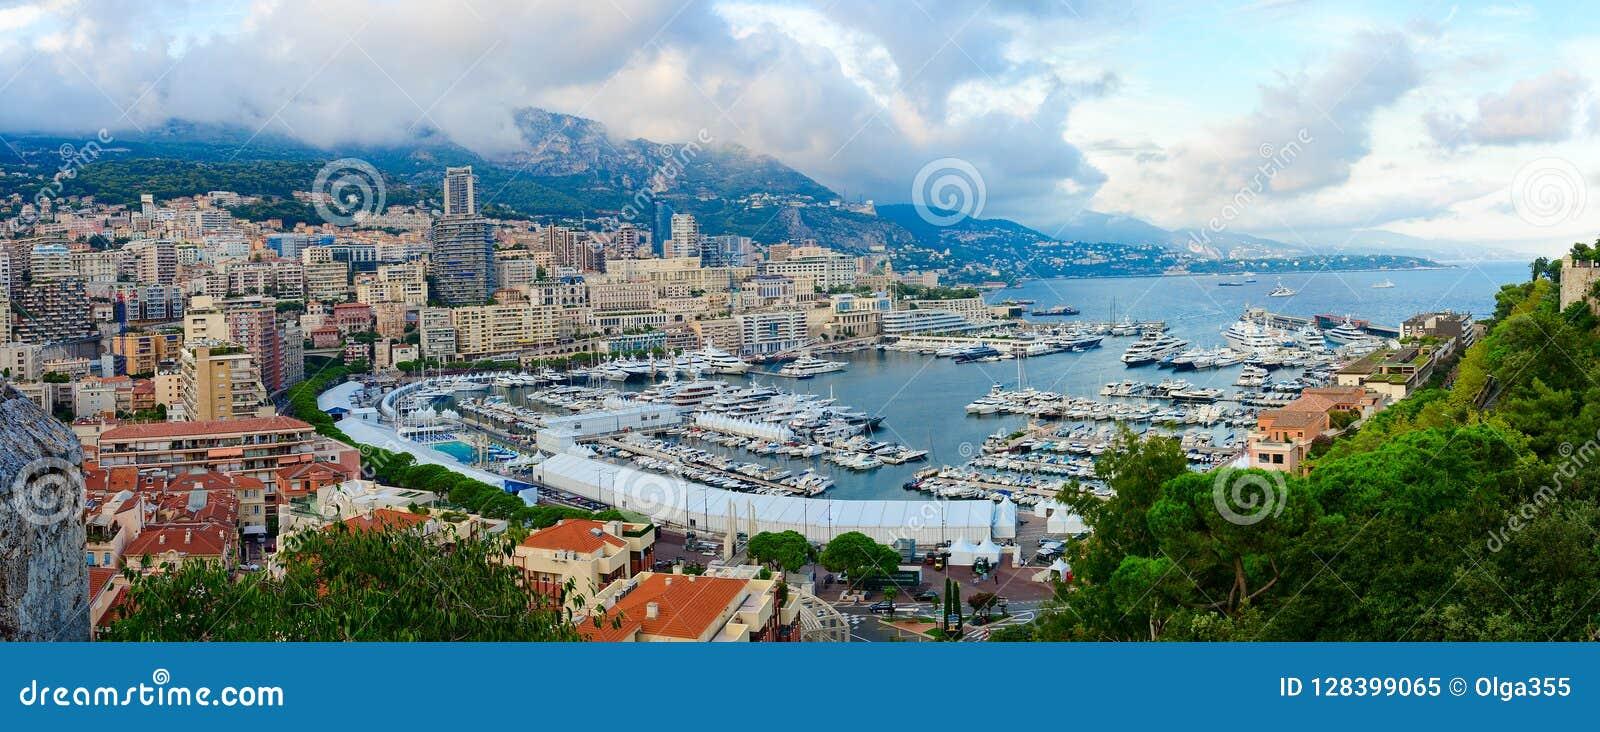 港区拉康达明和蒙地卡罗,摩纳哥的公国美好的全景